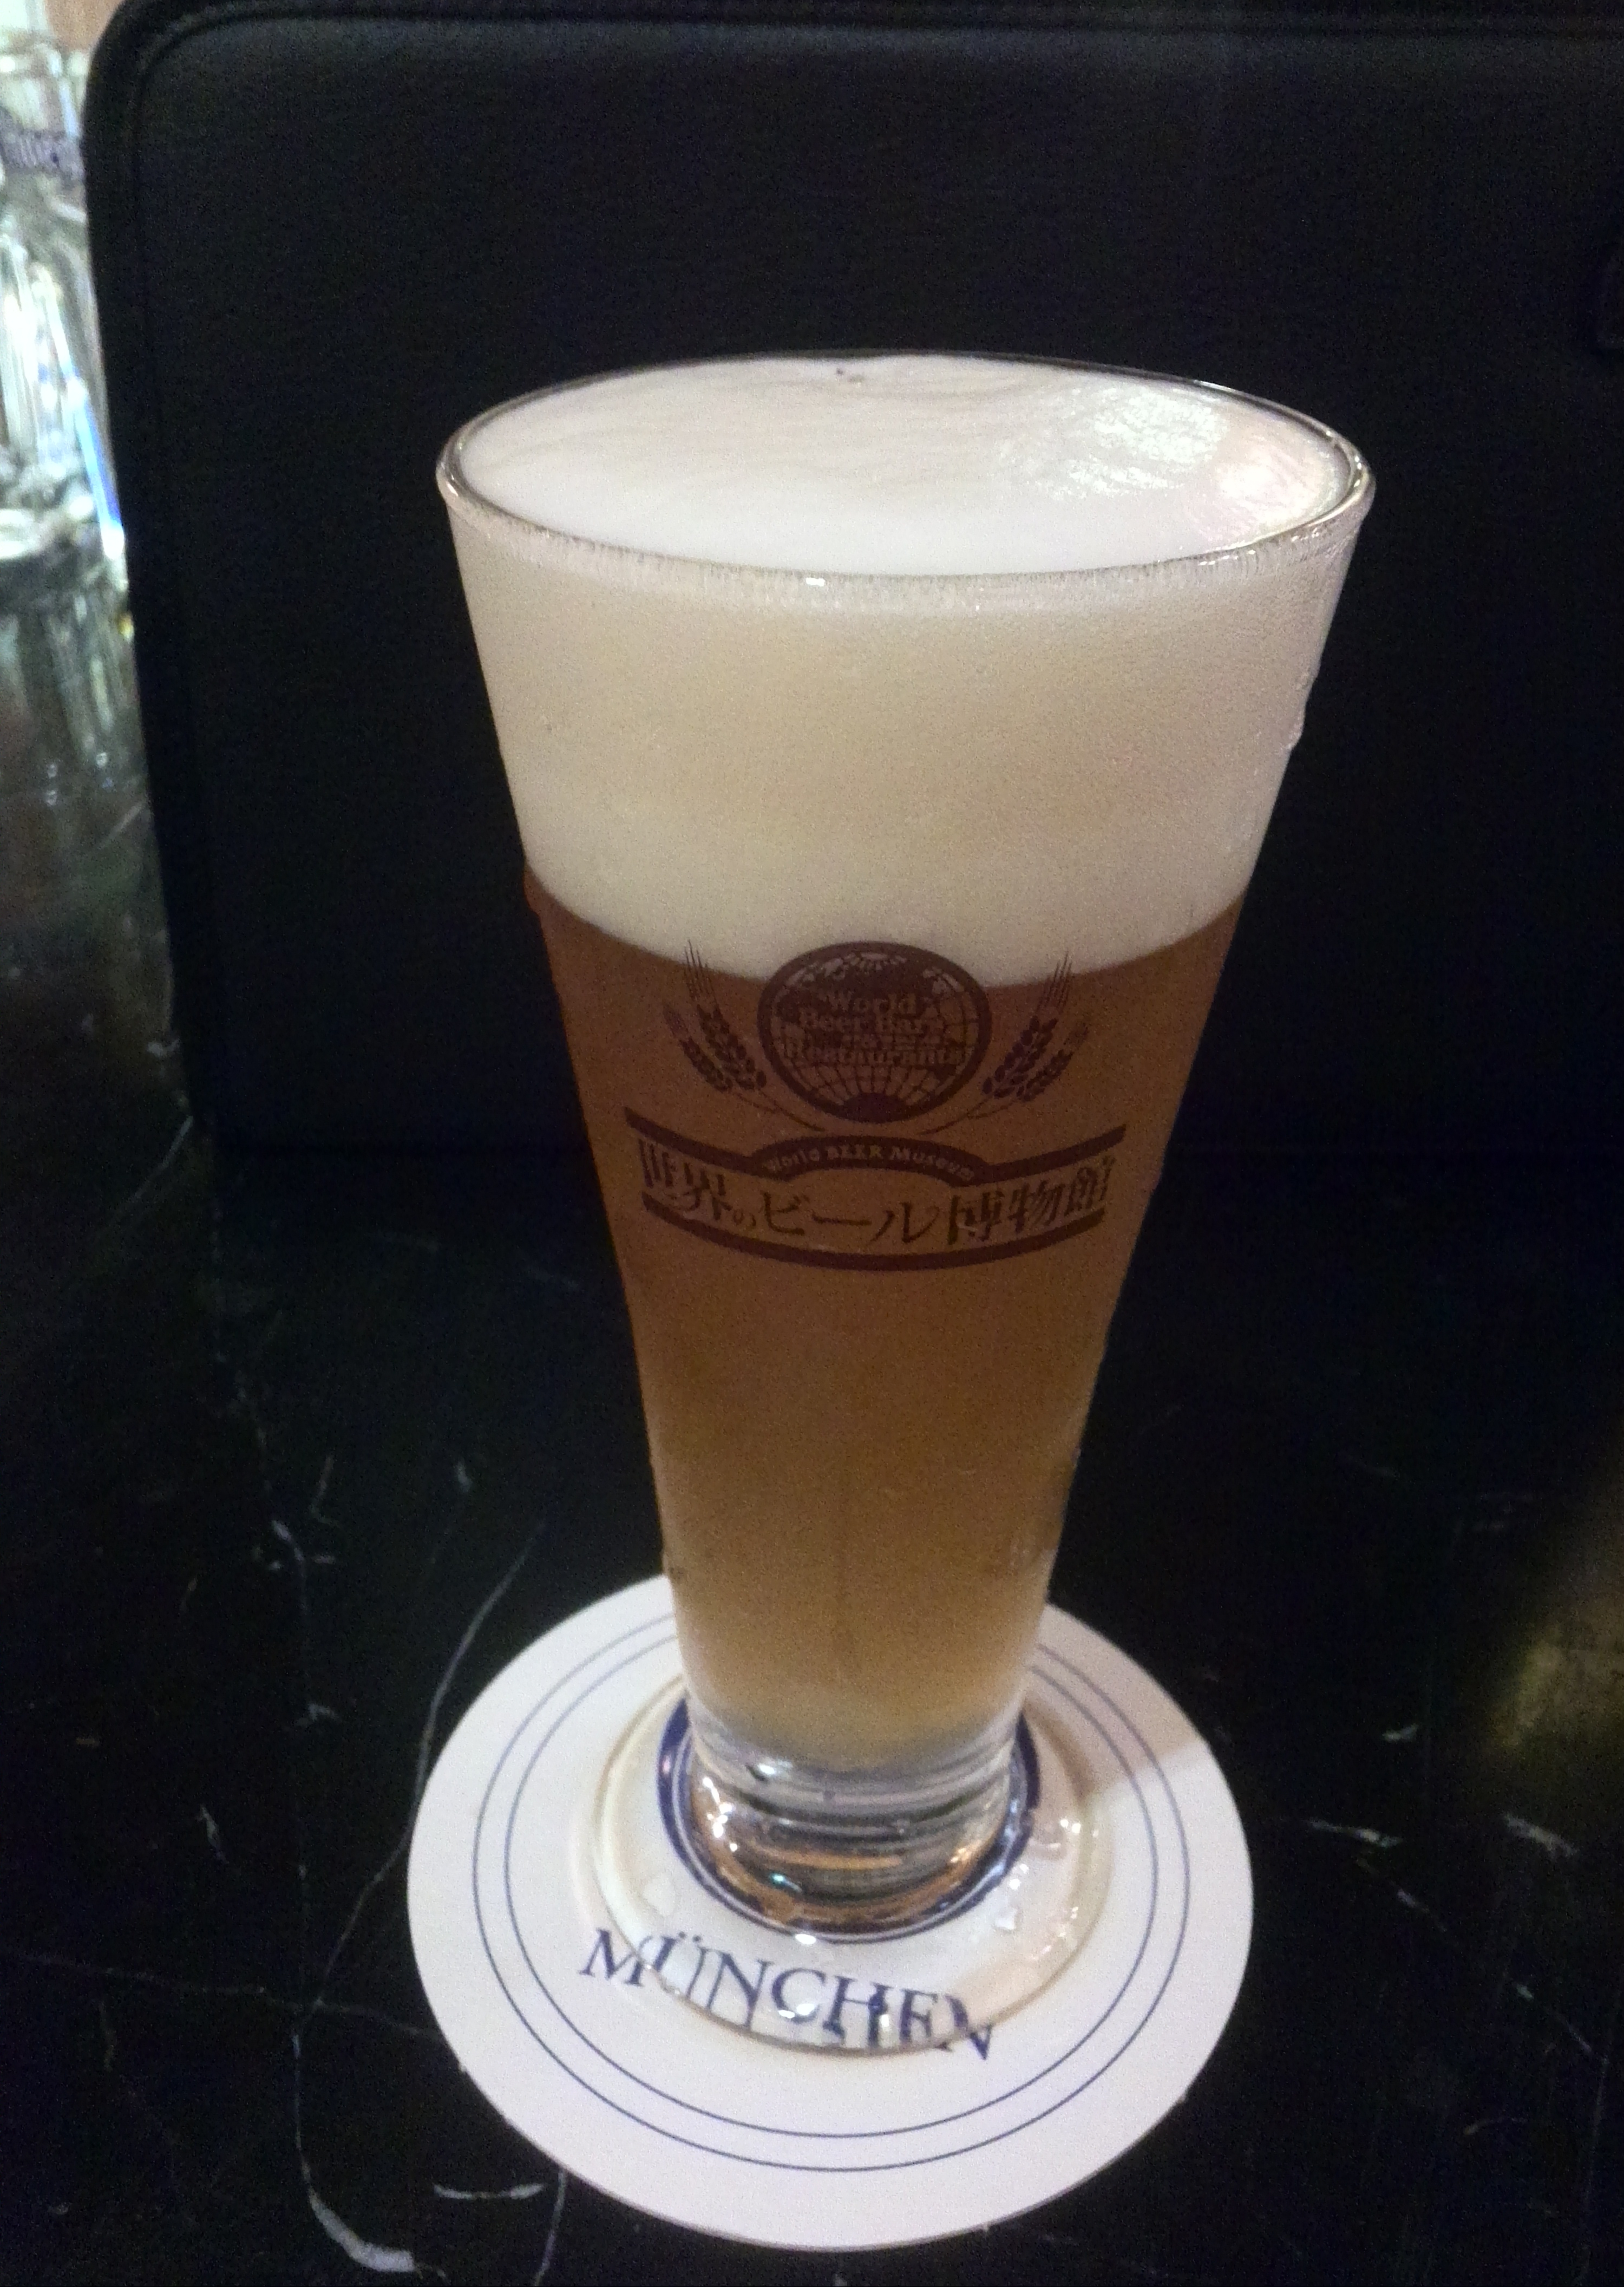 ドイツのヴァイスビアと呼ばれるビール